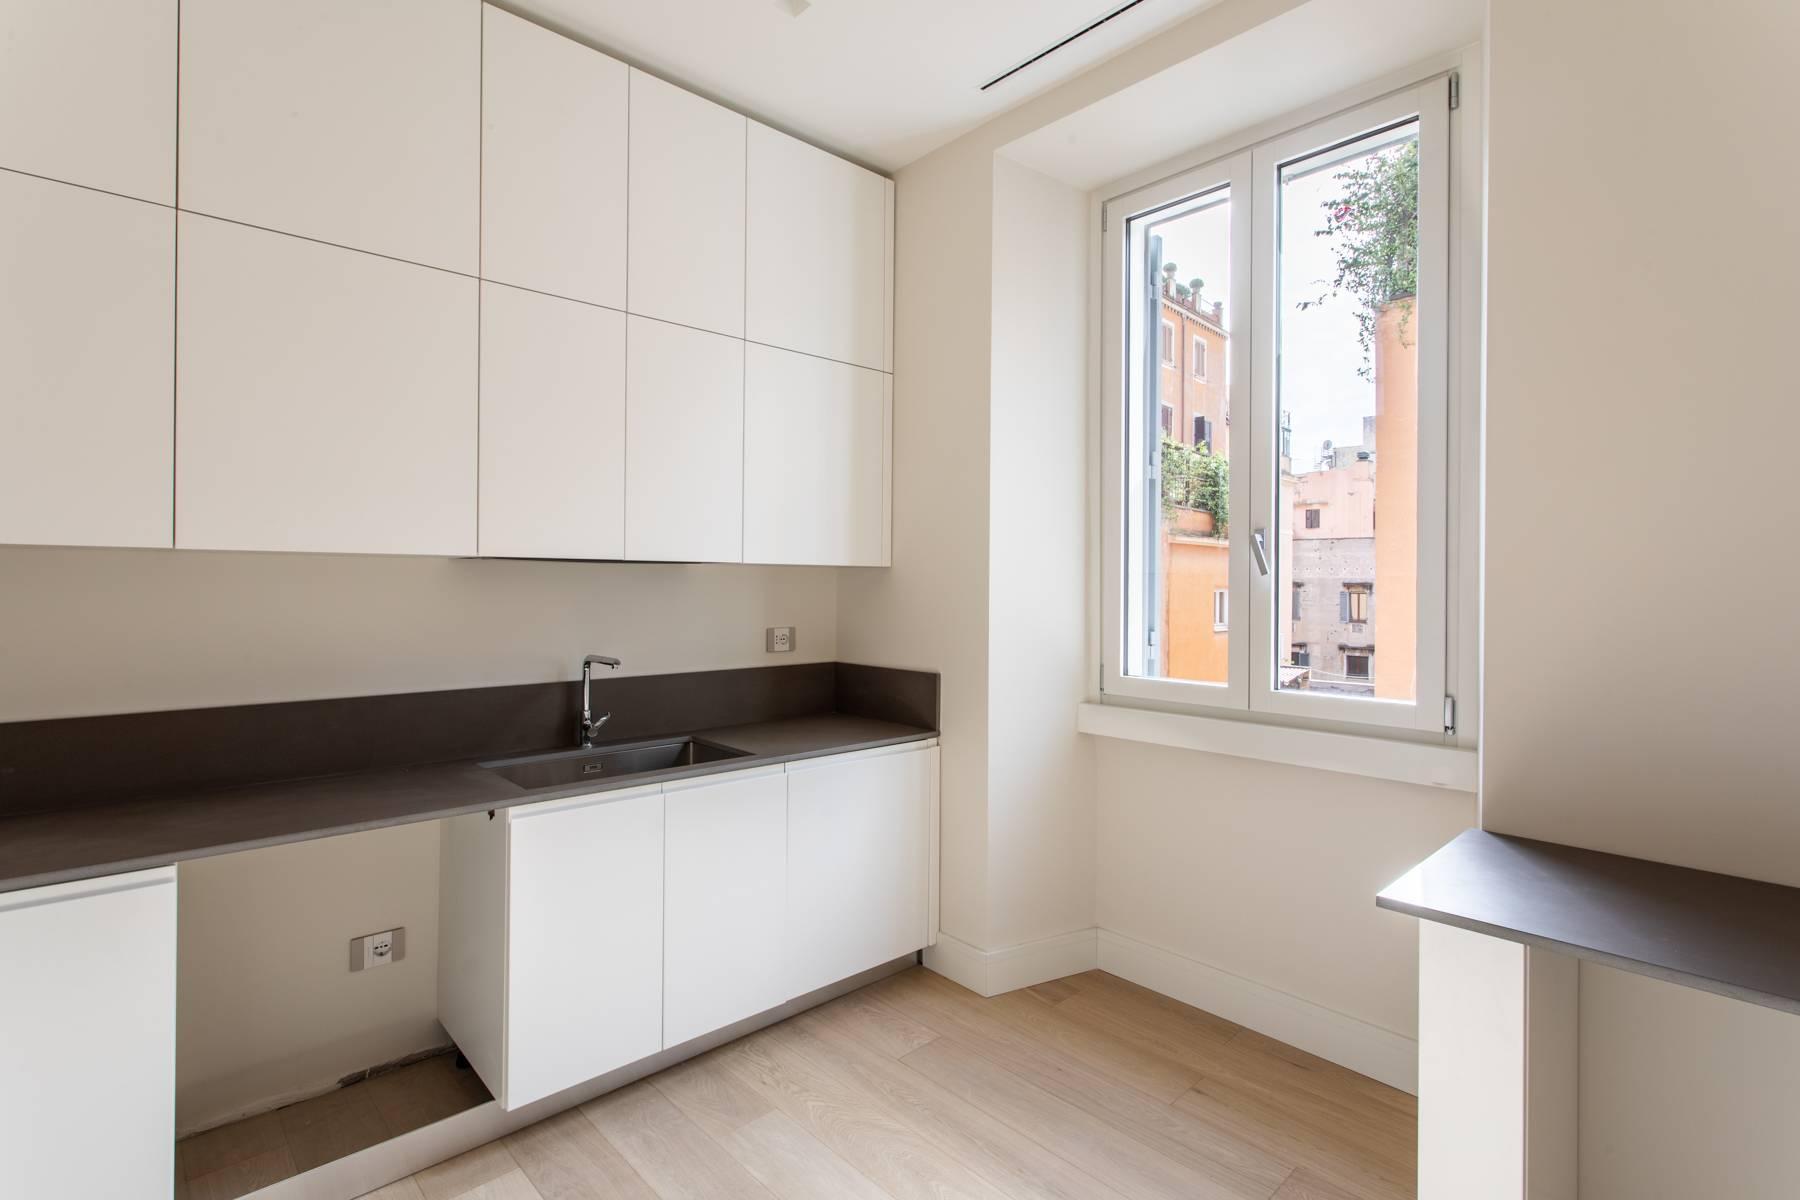 Lussuoso appartamento ristrutturato nei pressi di Piazza di Spagna - 5